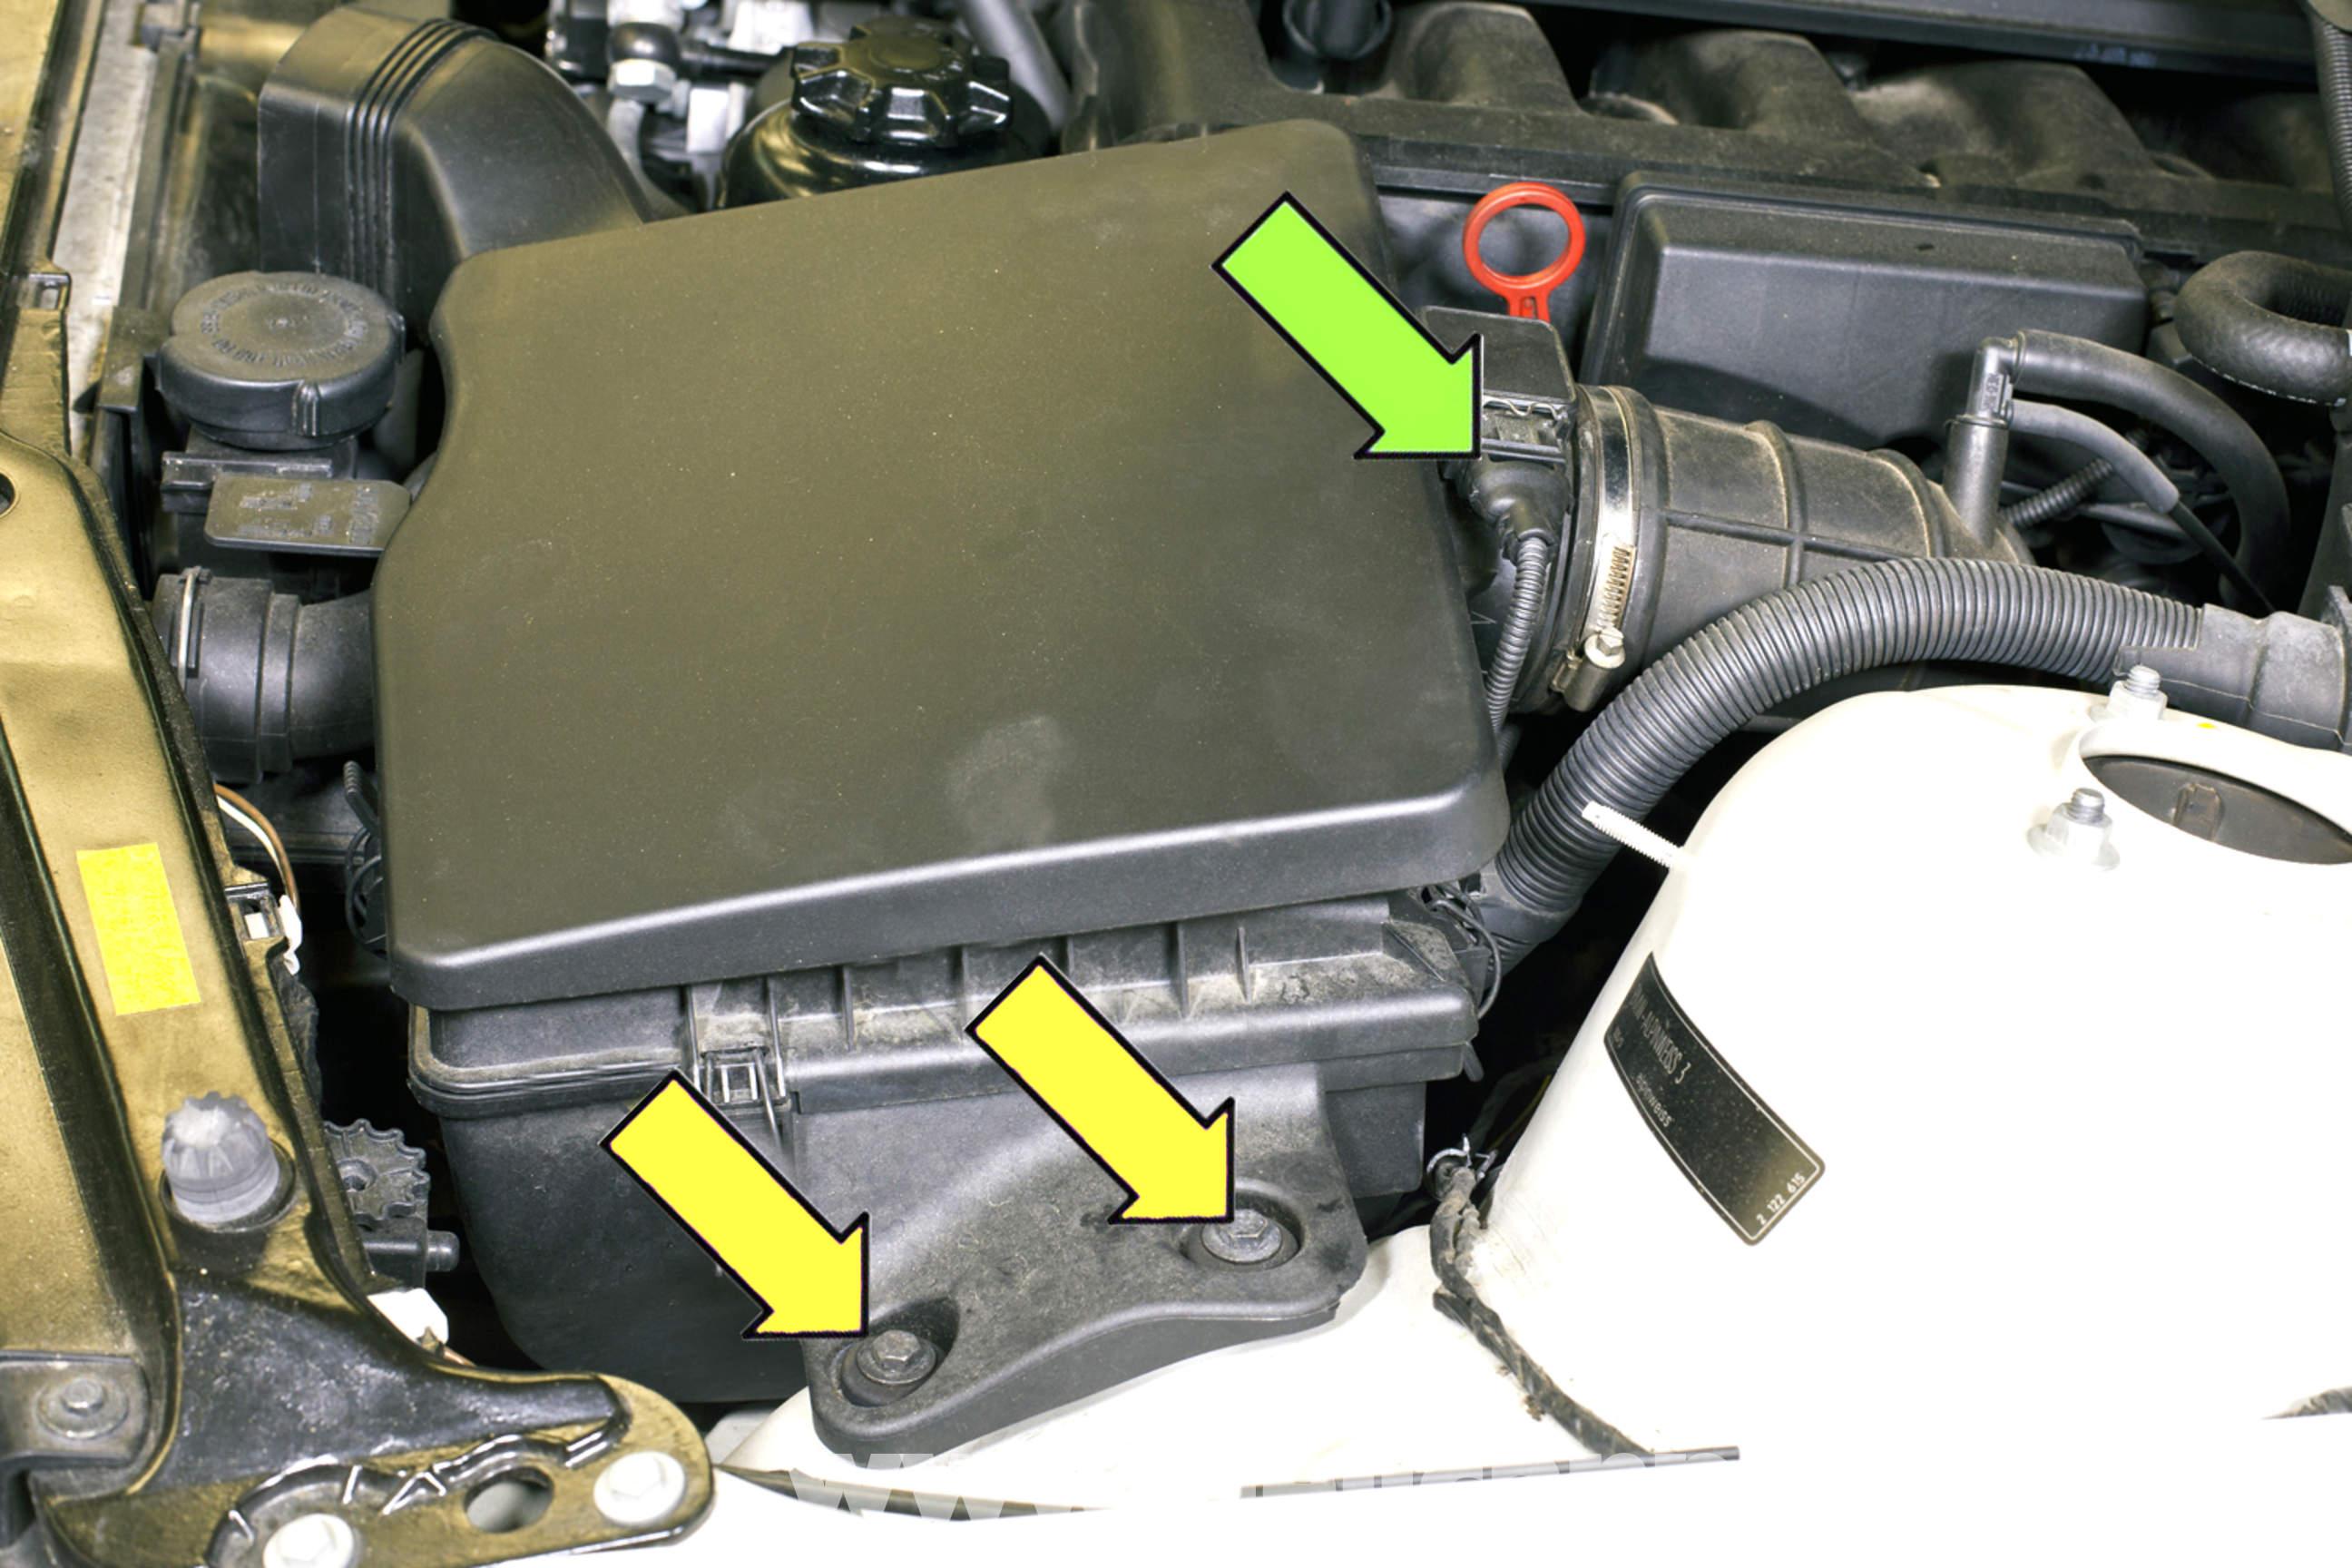 BMW E46 VANOS Actuator Replacement   BMW 325i (2001-2005